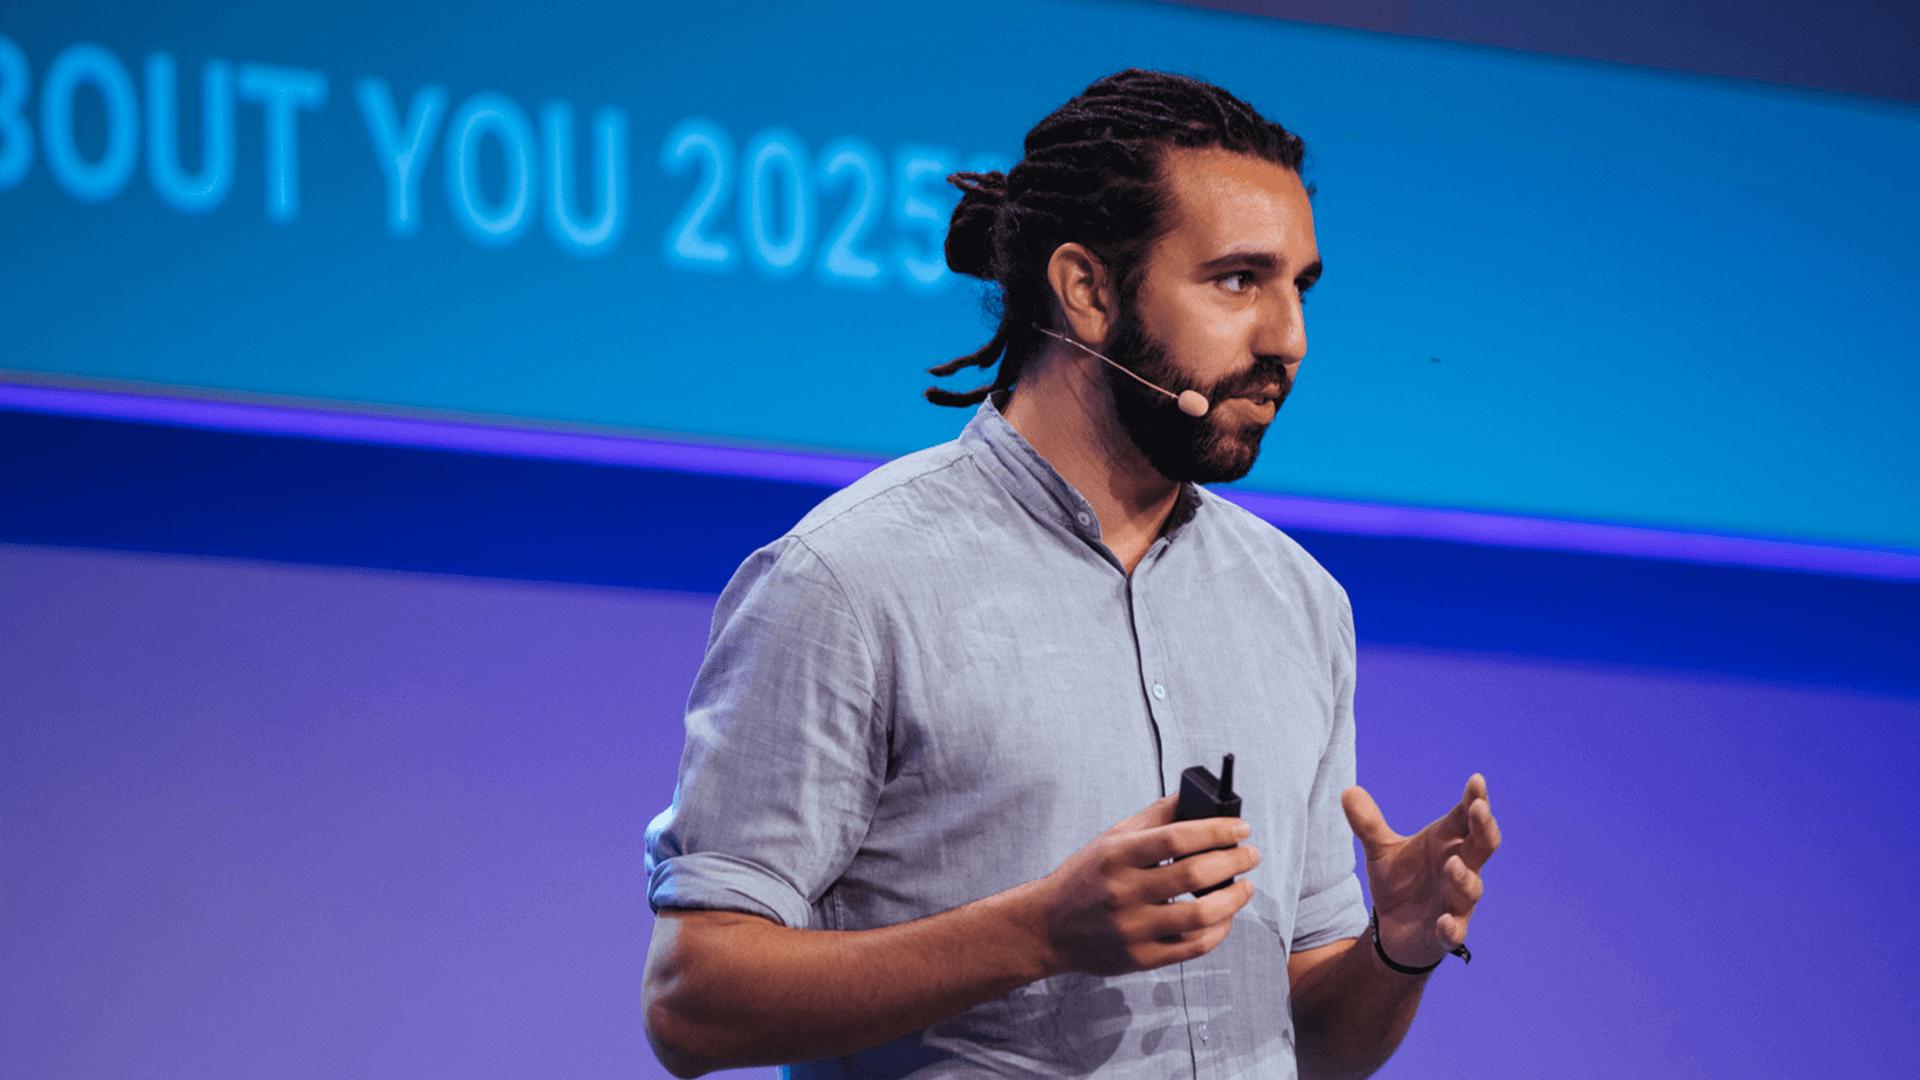 Tarek Müller von About You als Speaker auf der K5 Konferenz